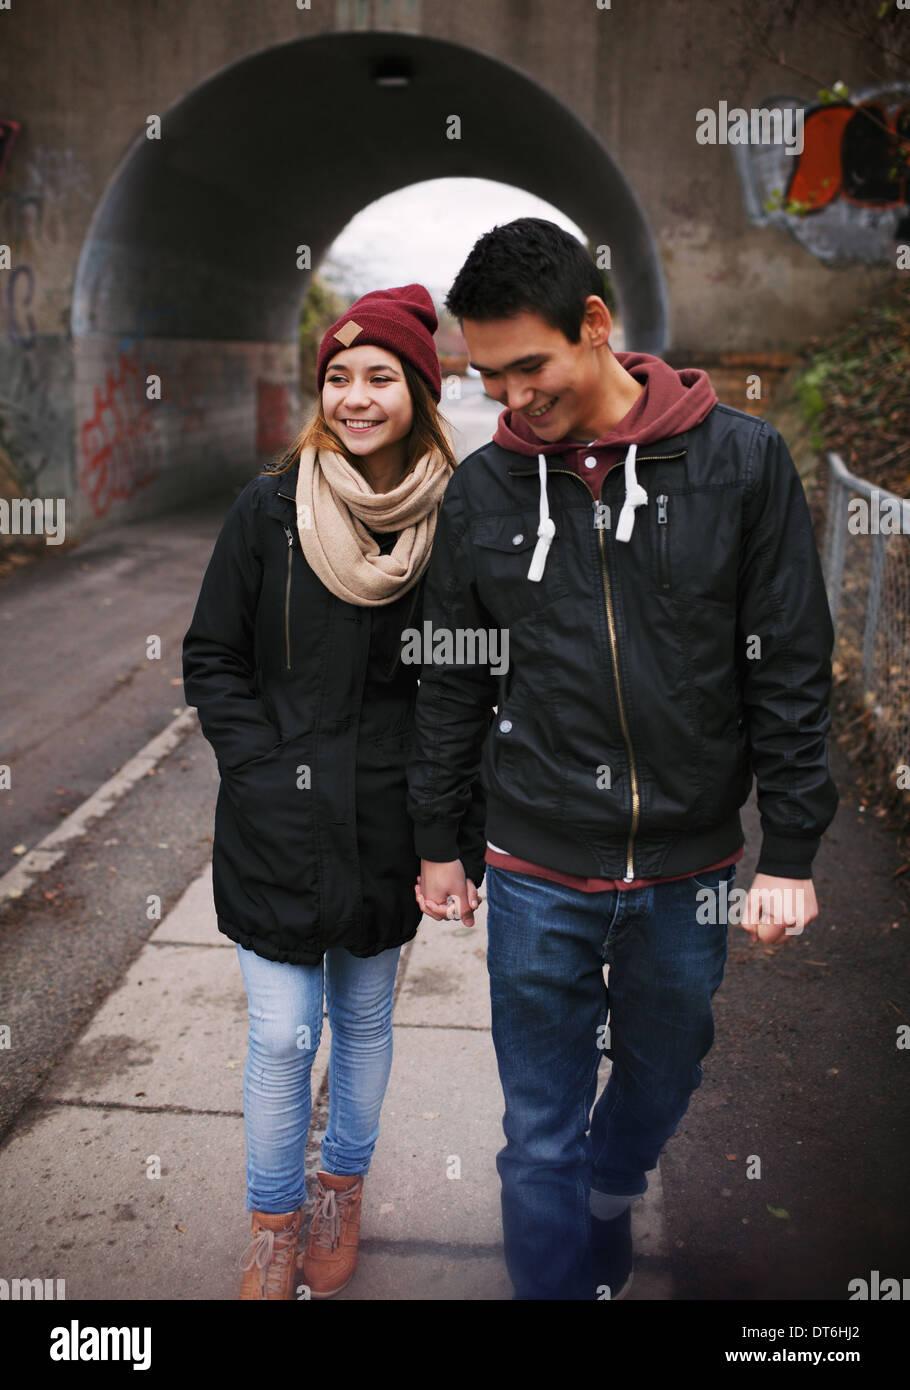 Amorevole coppia giovane a camminare su una strada sorridente. Razza mista giovane camminando sul marciapiede. Immagini Stock